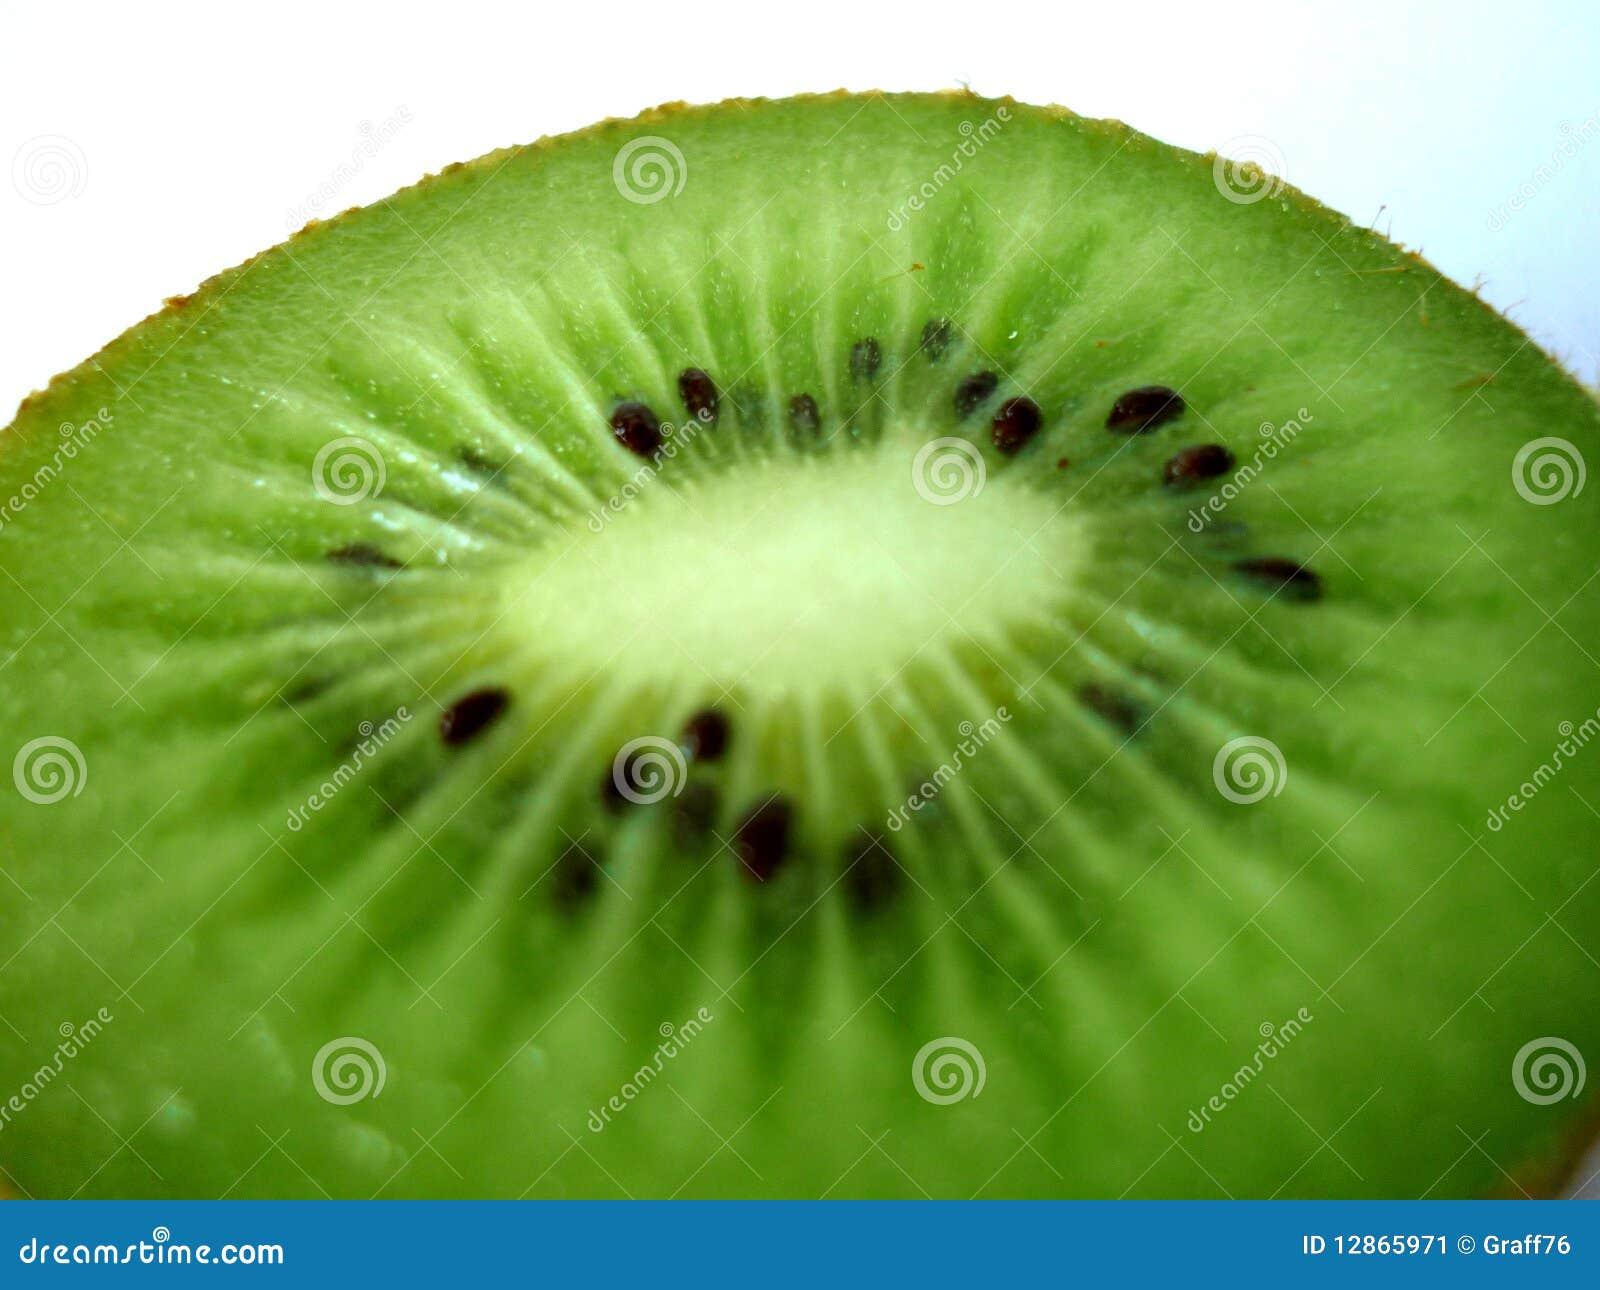 Kiwi fruit cut in half close up - Kiwi Fruit Stock Image Image 12865971